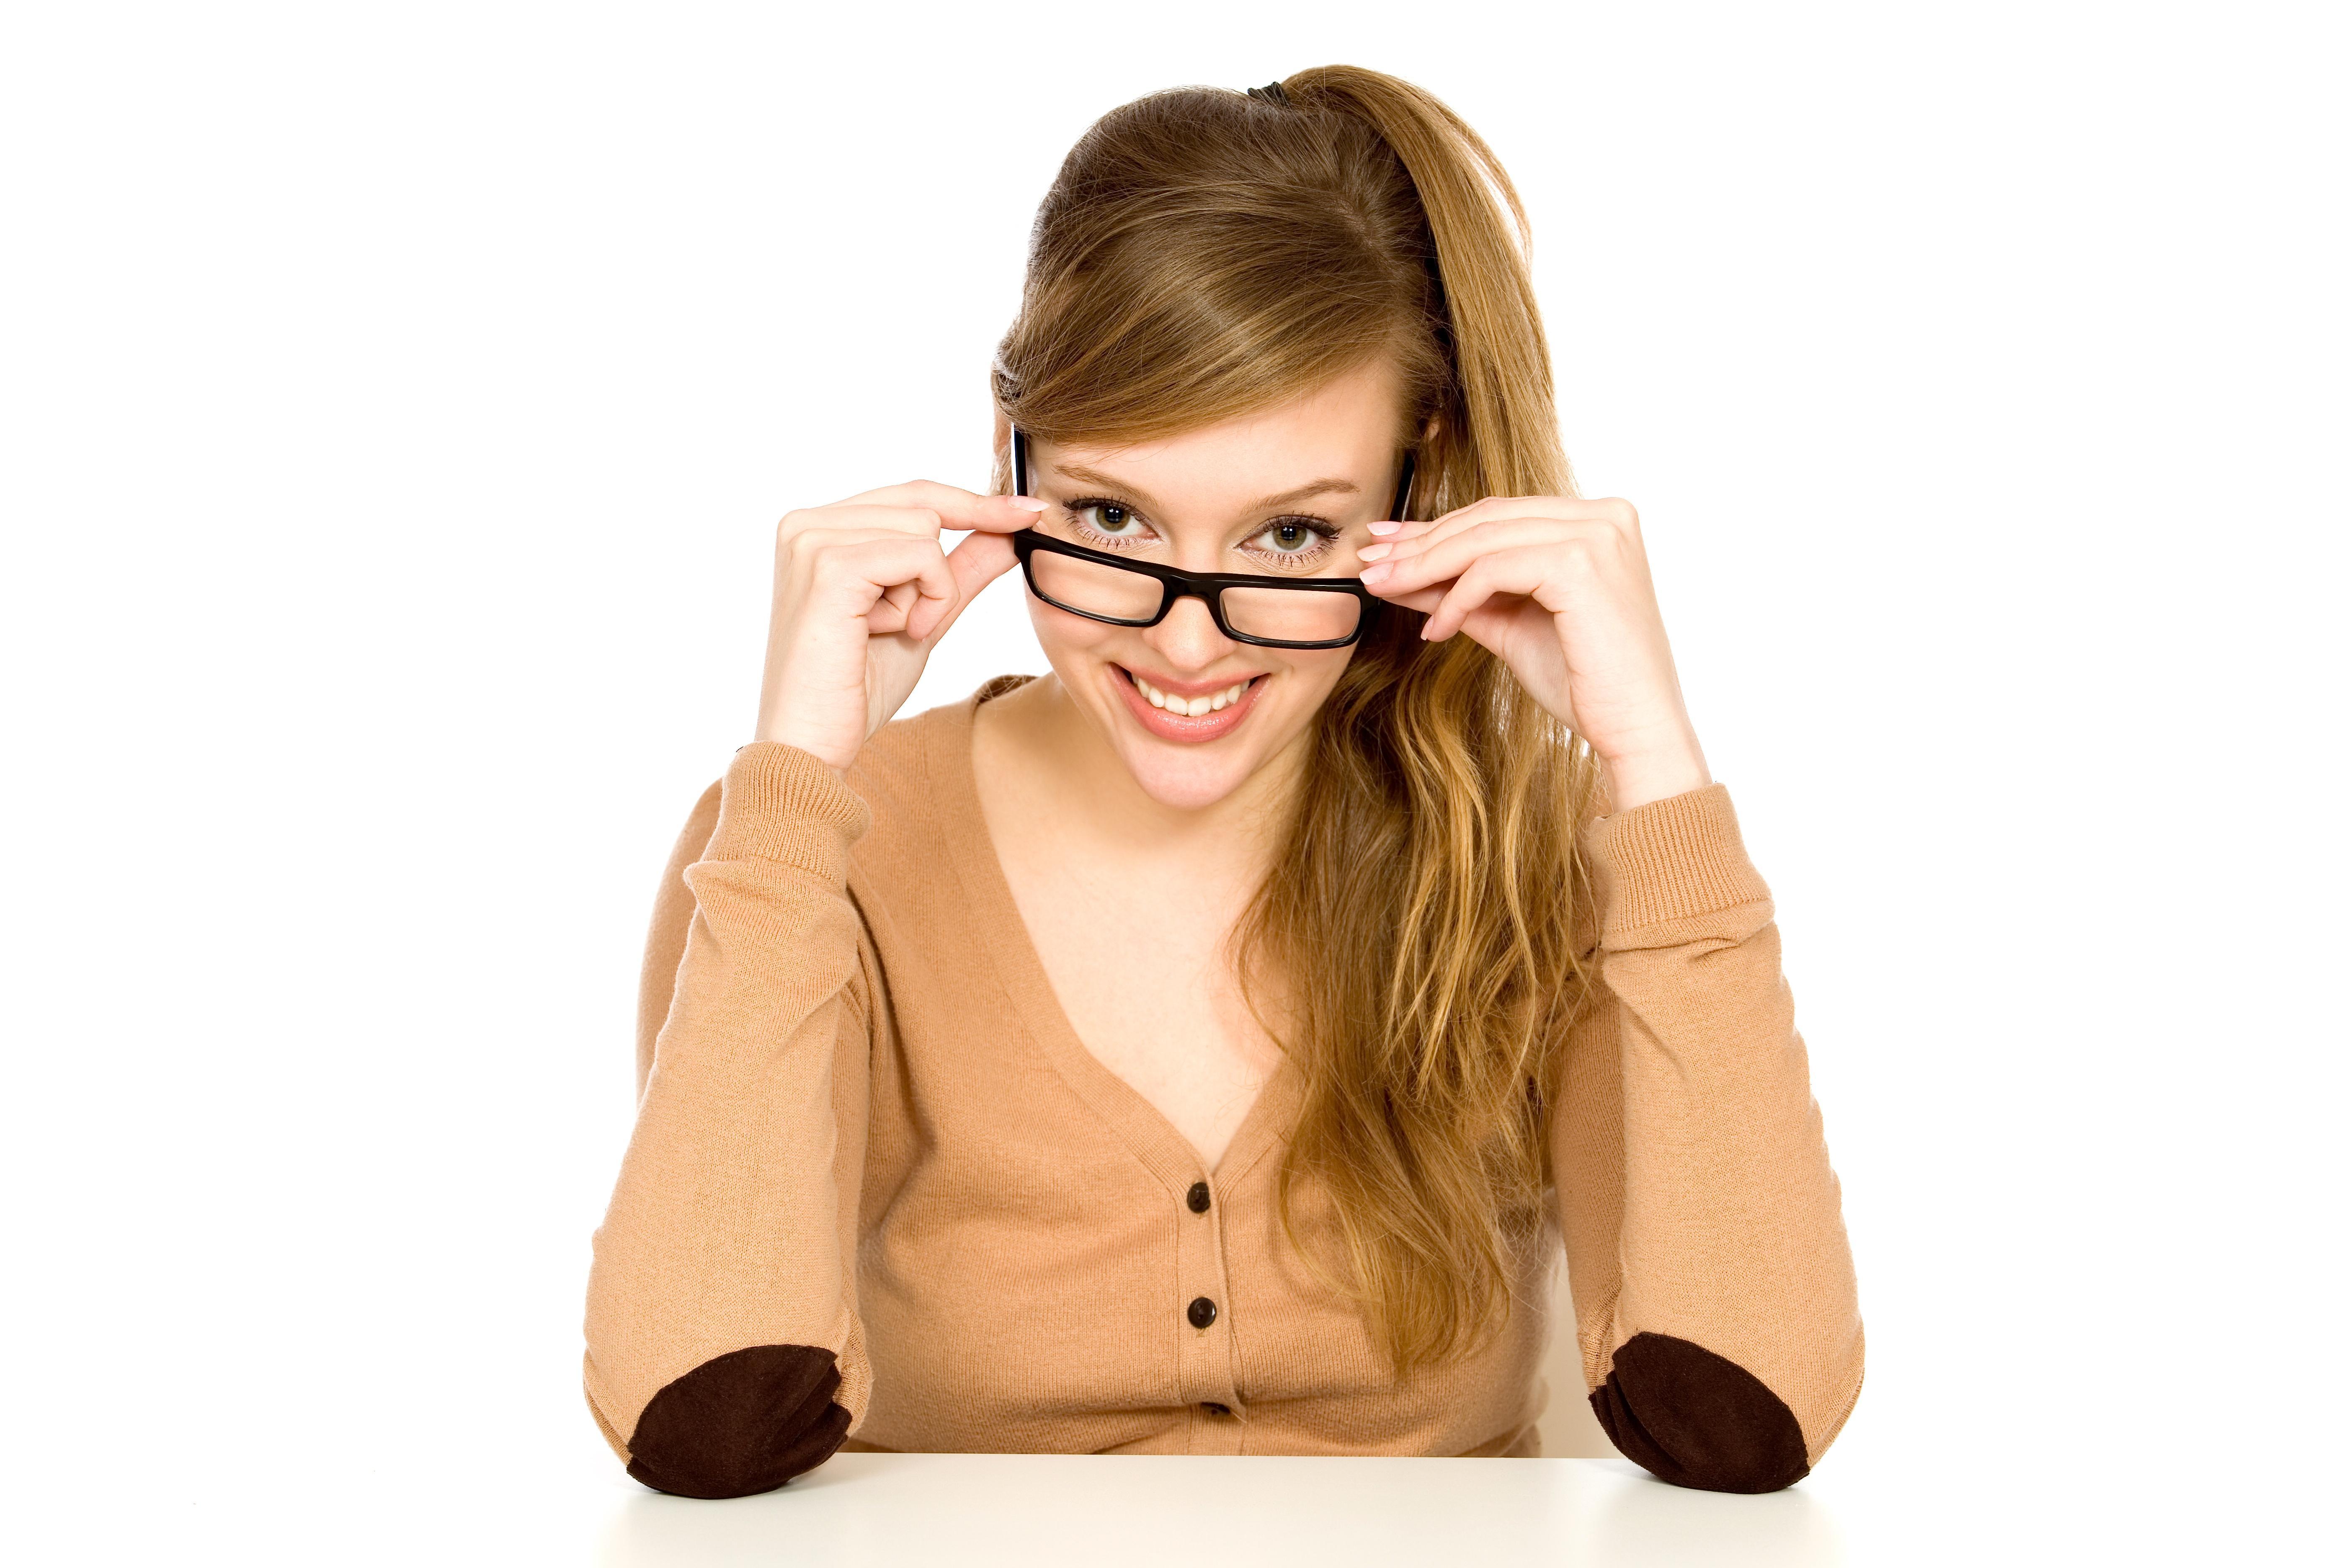 Opticians Towson